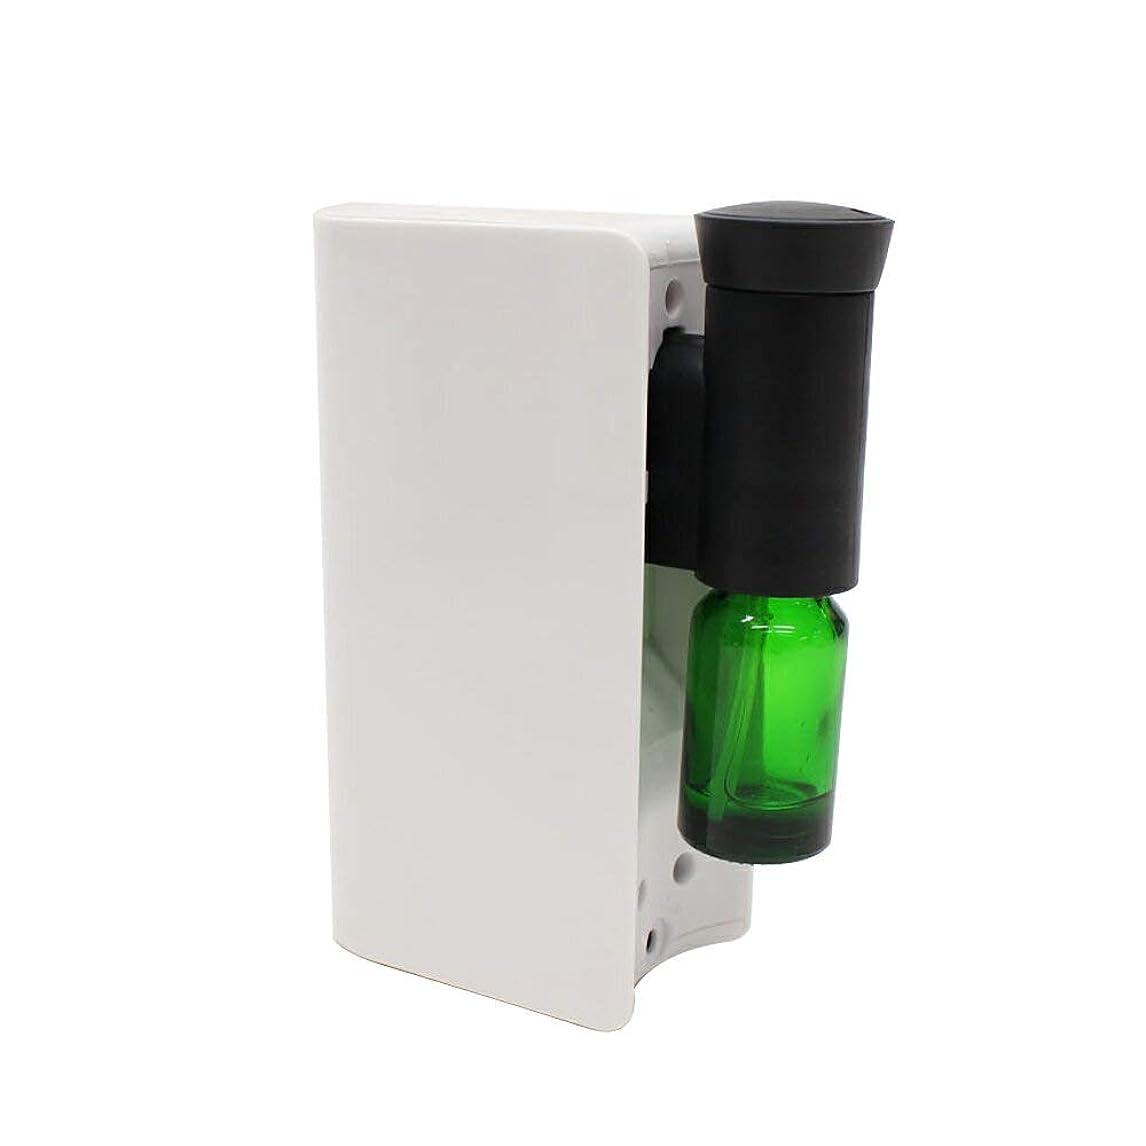 定数薄暗いアパートアロマ ディフューザー 電池式アロマディフューザー 水を使わない ネブライザー式 アロマオイル対応 自動停止 ECOモード搭載 香り 癒し シンプル コンパクト ホワイト